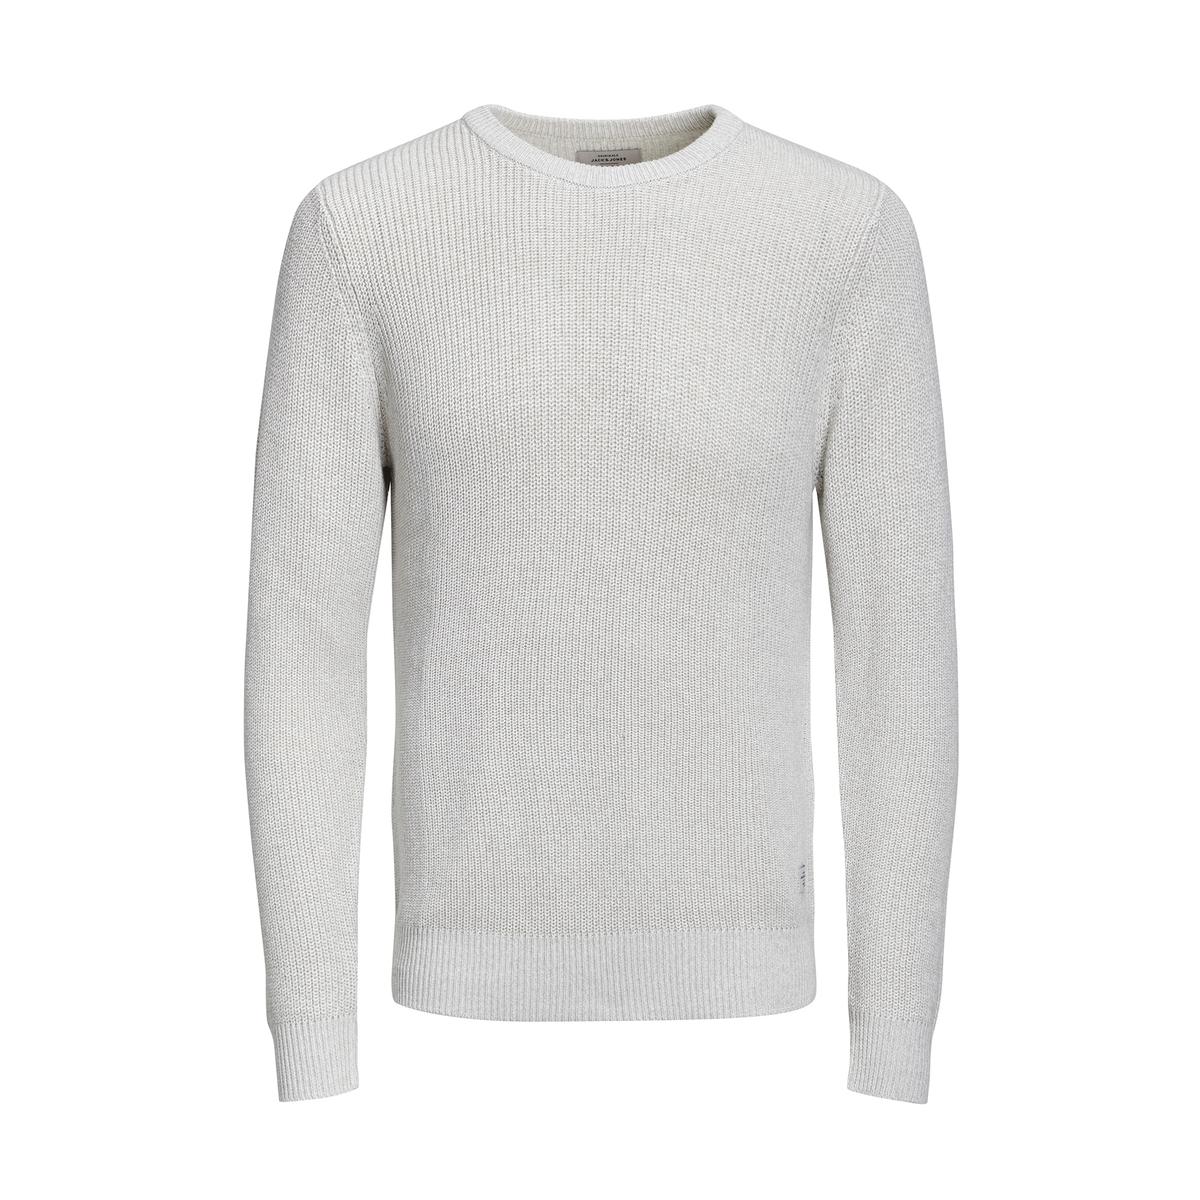 Пуловер с круглым вырезом JORANDREAS JACK & JONES